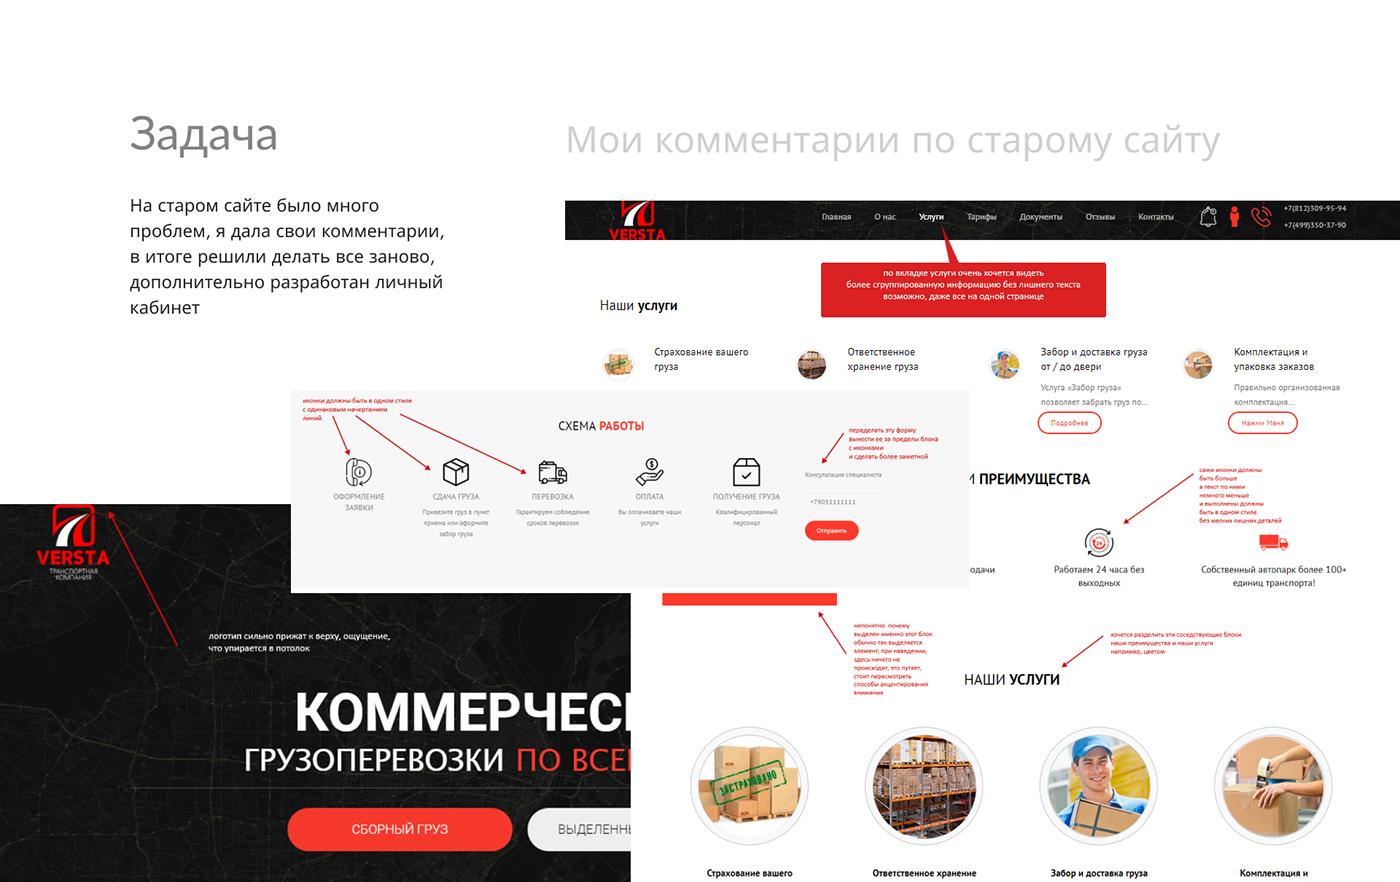 Transport company транспортная компания logistic Web Design  design UI ux грузоперевозки clean